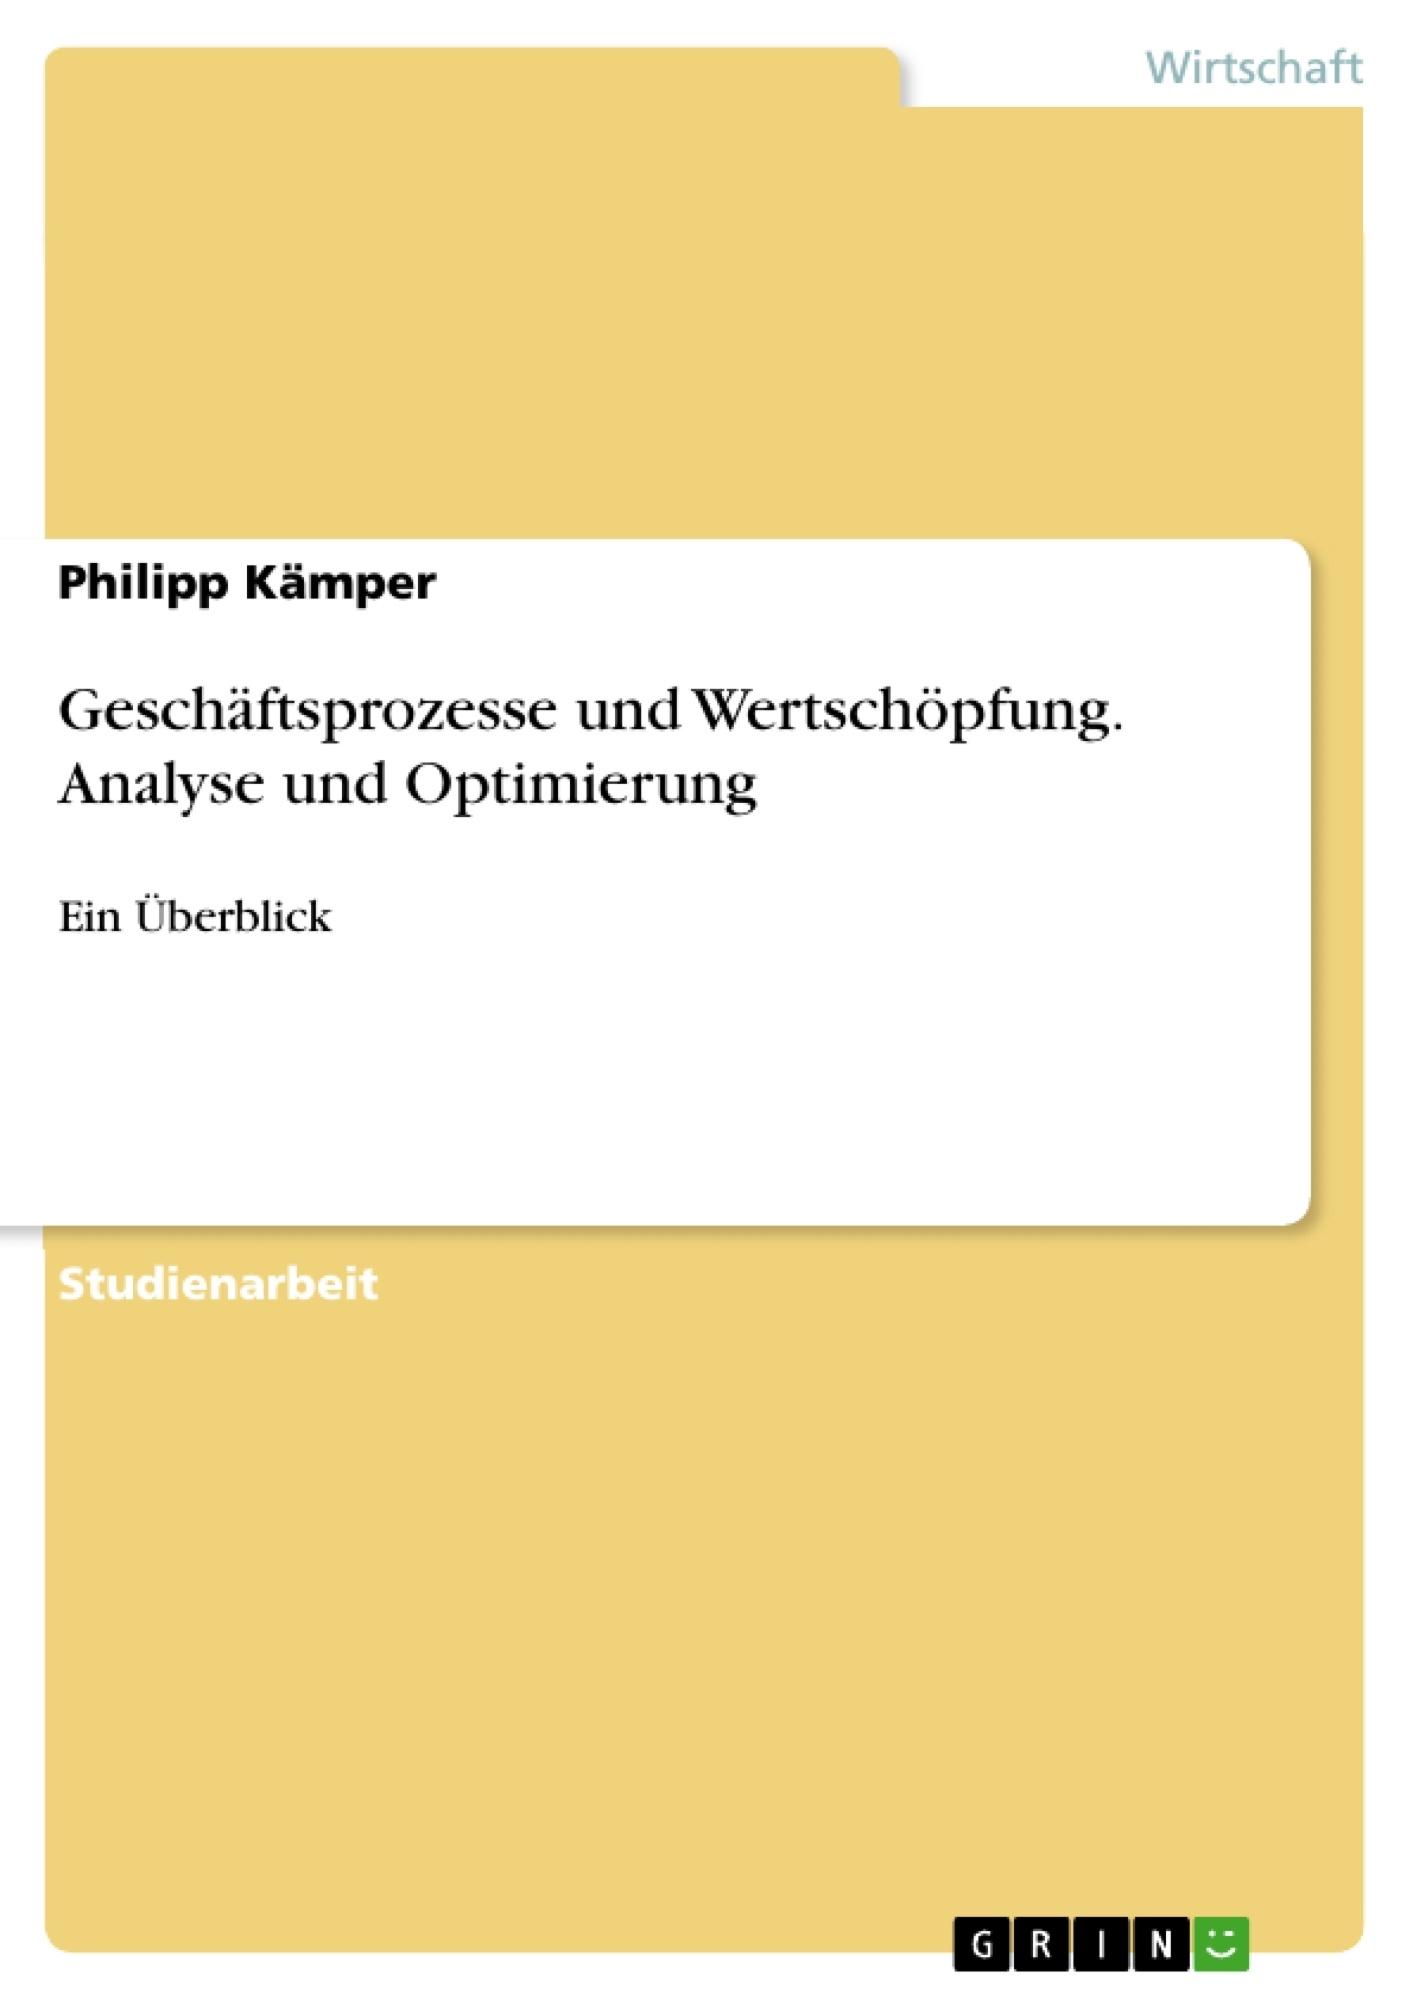 Titel: Geschäftsprozesse und Wertschöpfung. Analyse und Optimierung